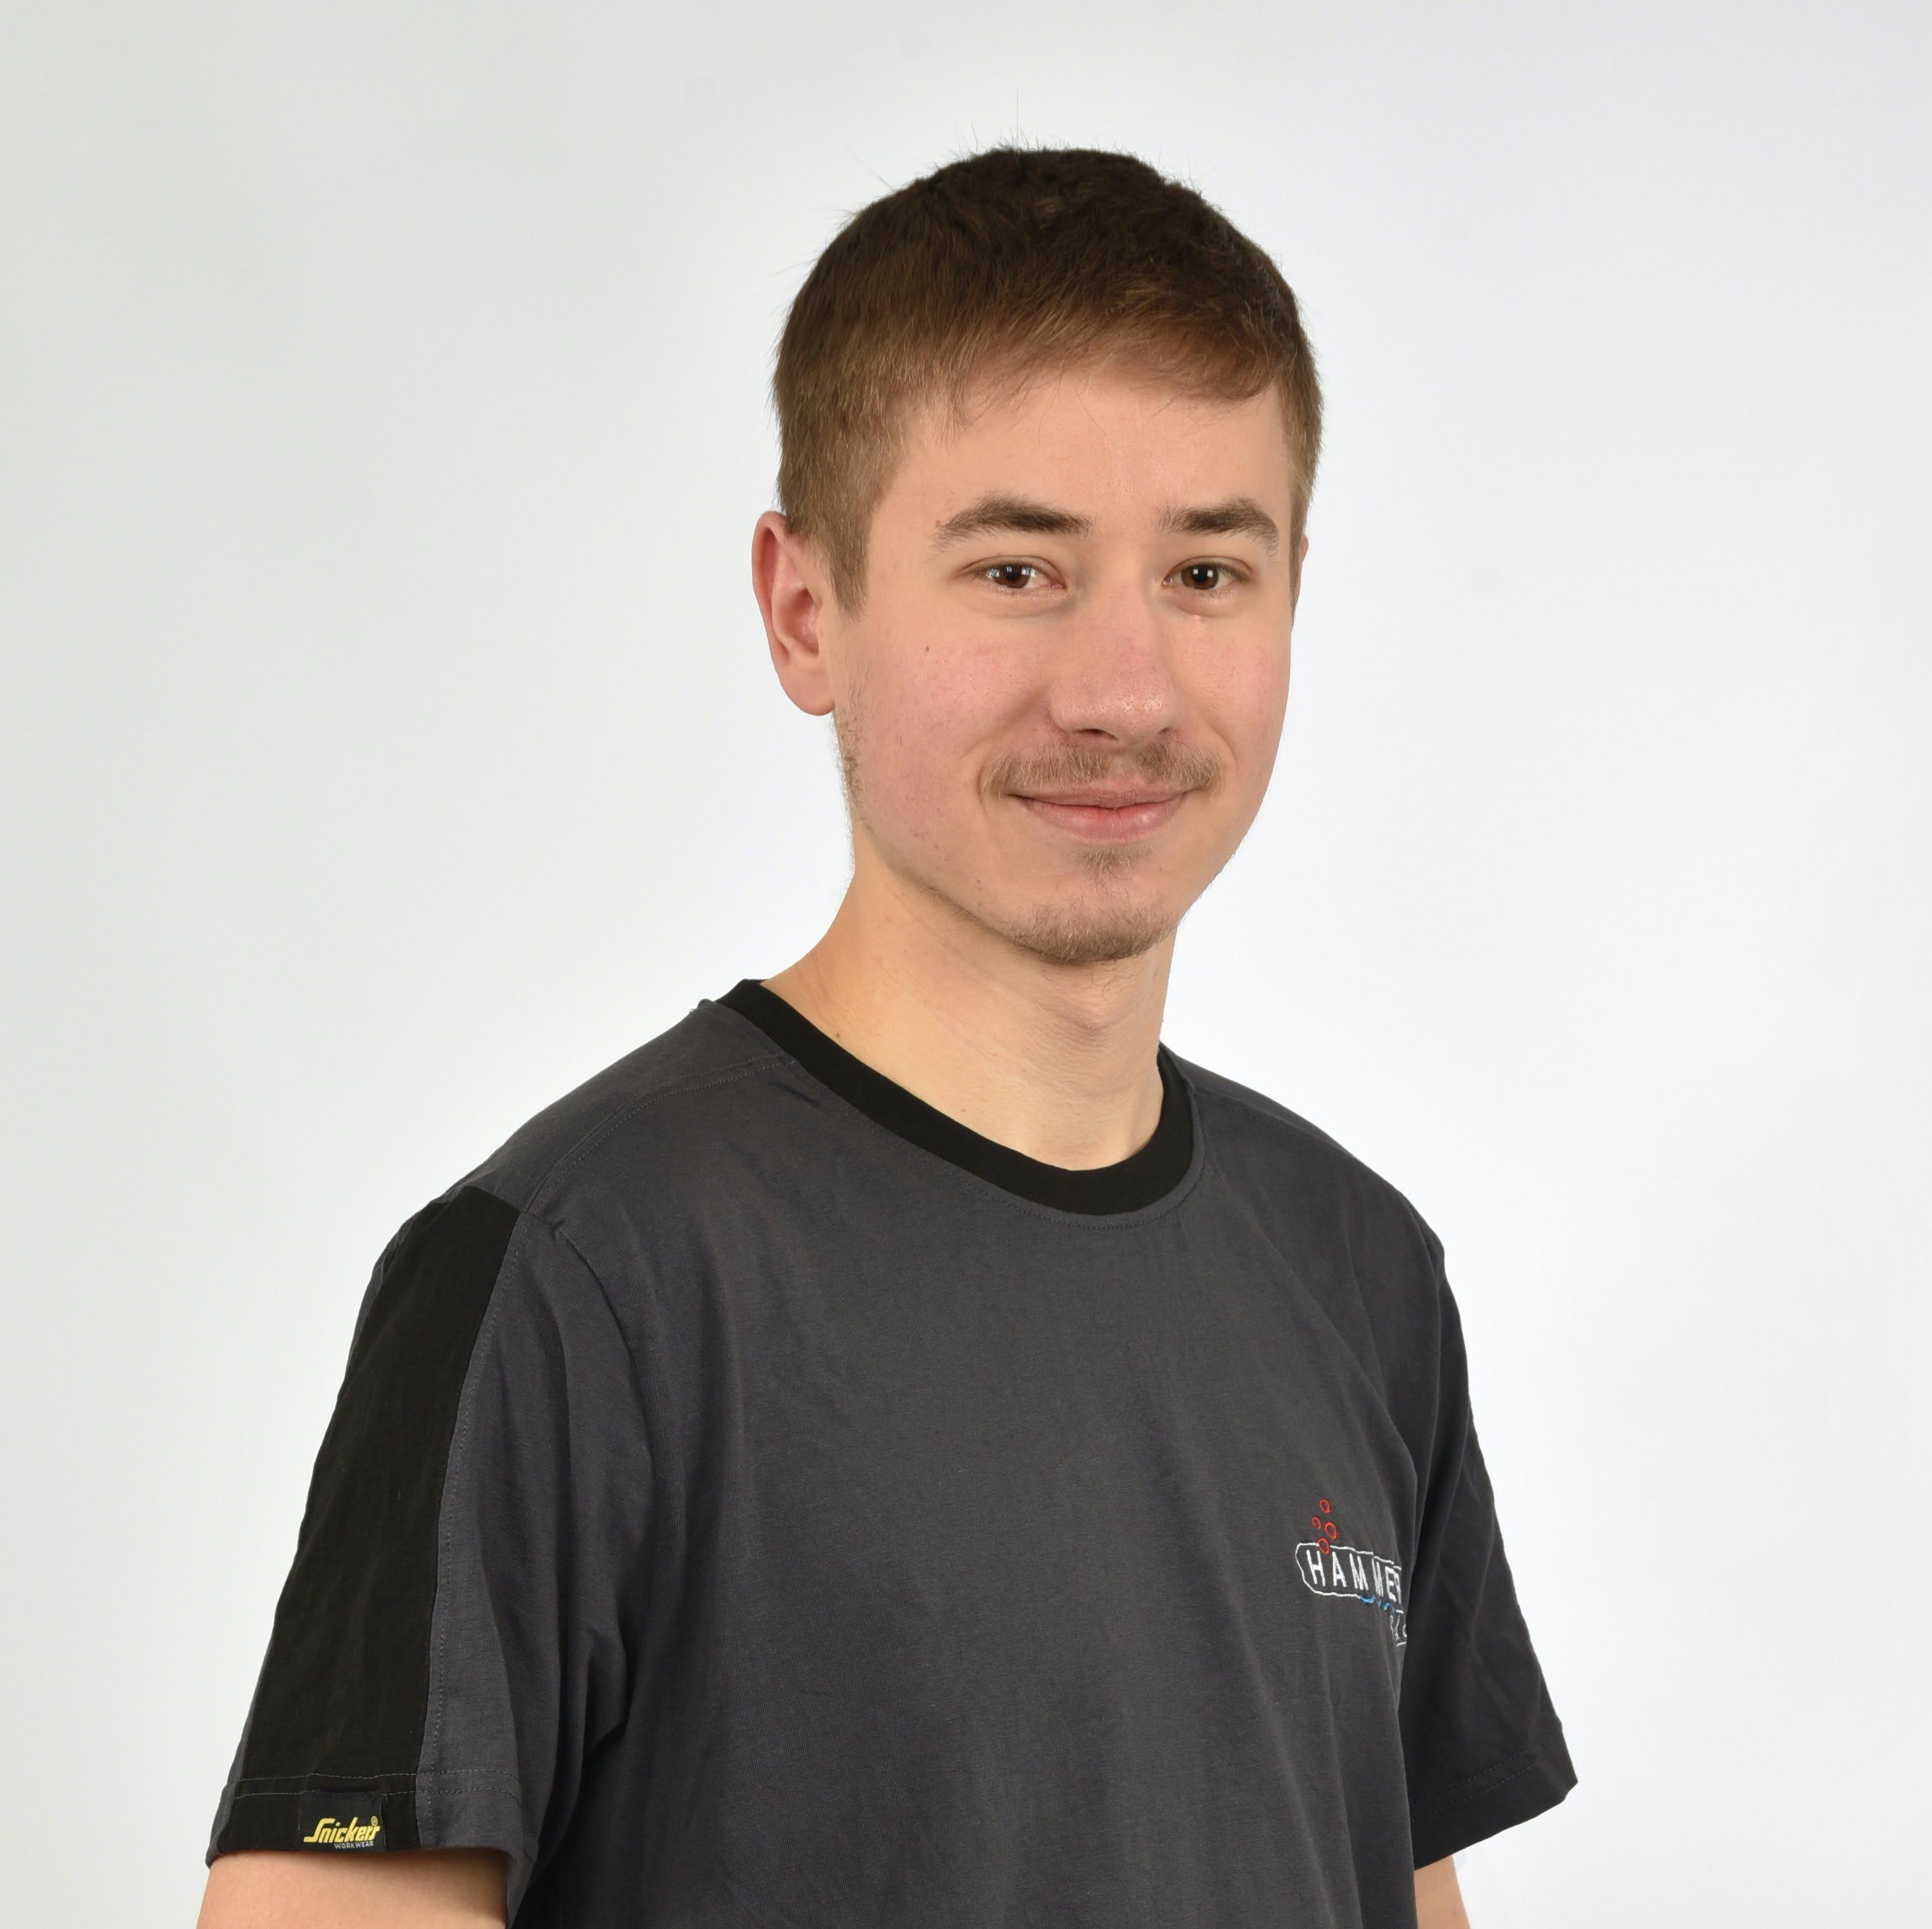 Profilbild Luka Merlau